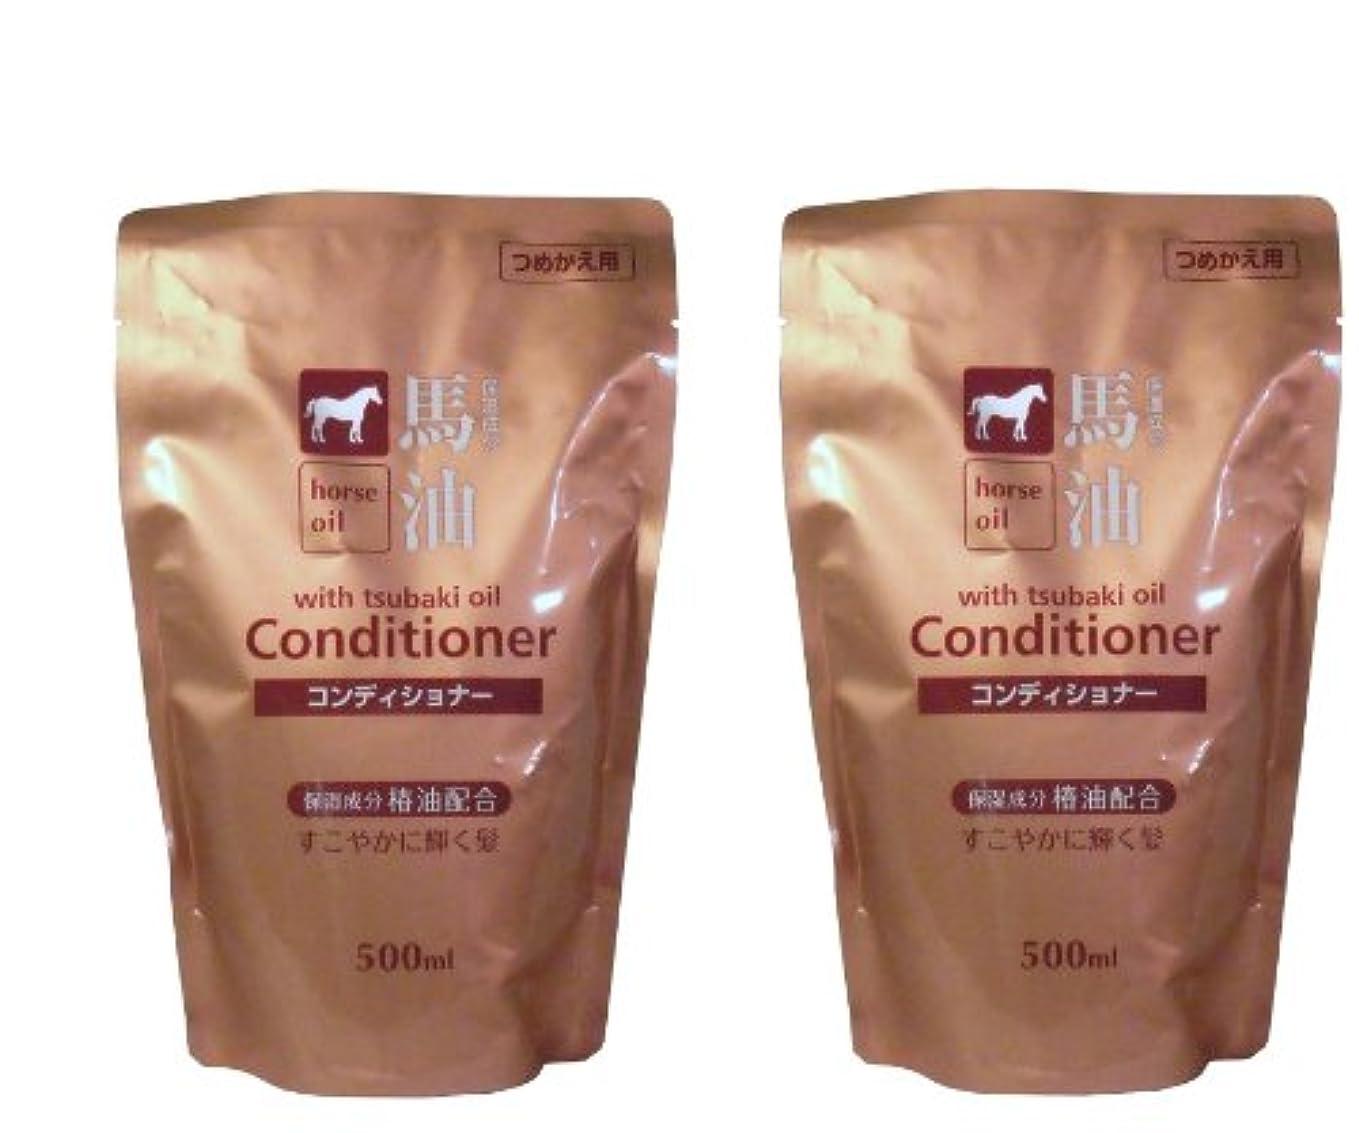 列挙する円周カウント馬油コンディショナー 椿油配合 詰替え用 2個セット(各500mL)  【日本製】